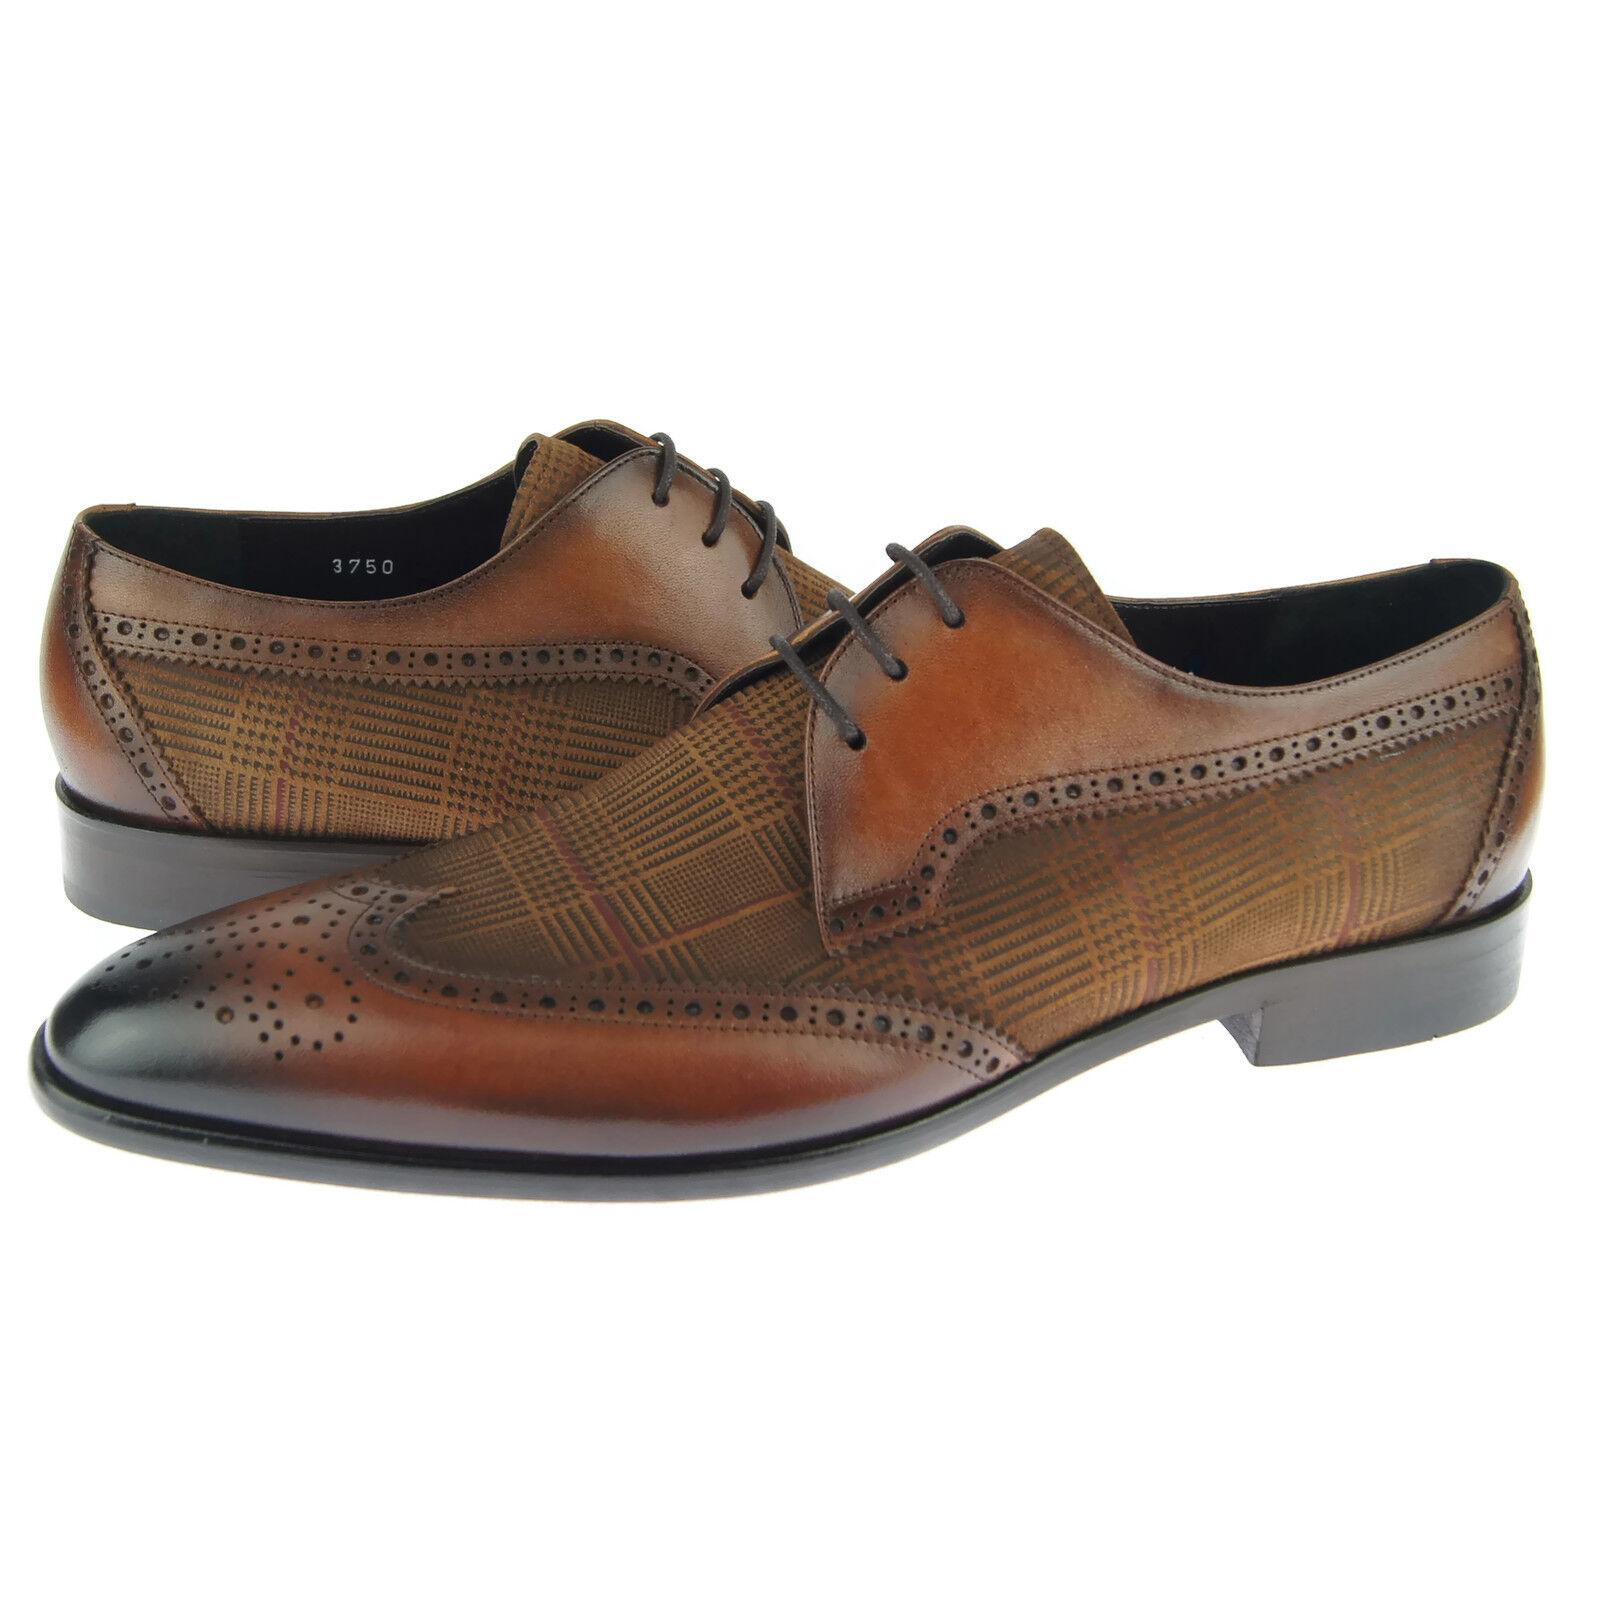 Corrente 3750 Wingtip Derby, Herren Kleid Leder Oxford Schuhe, Schuhe, Schuhe, Tabak  viele Zugeständnisse